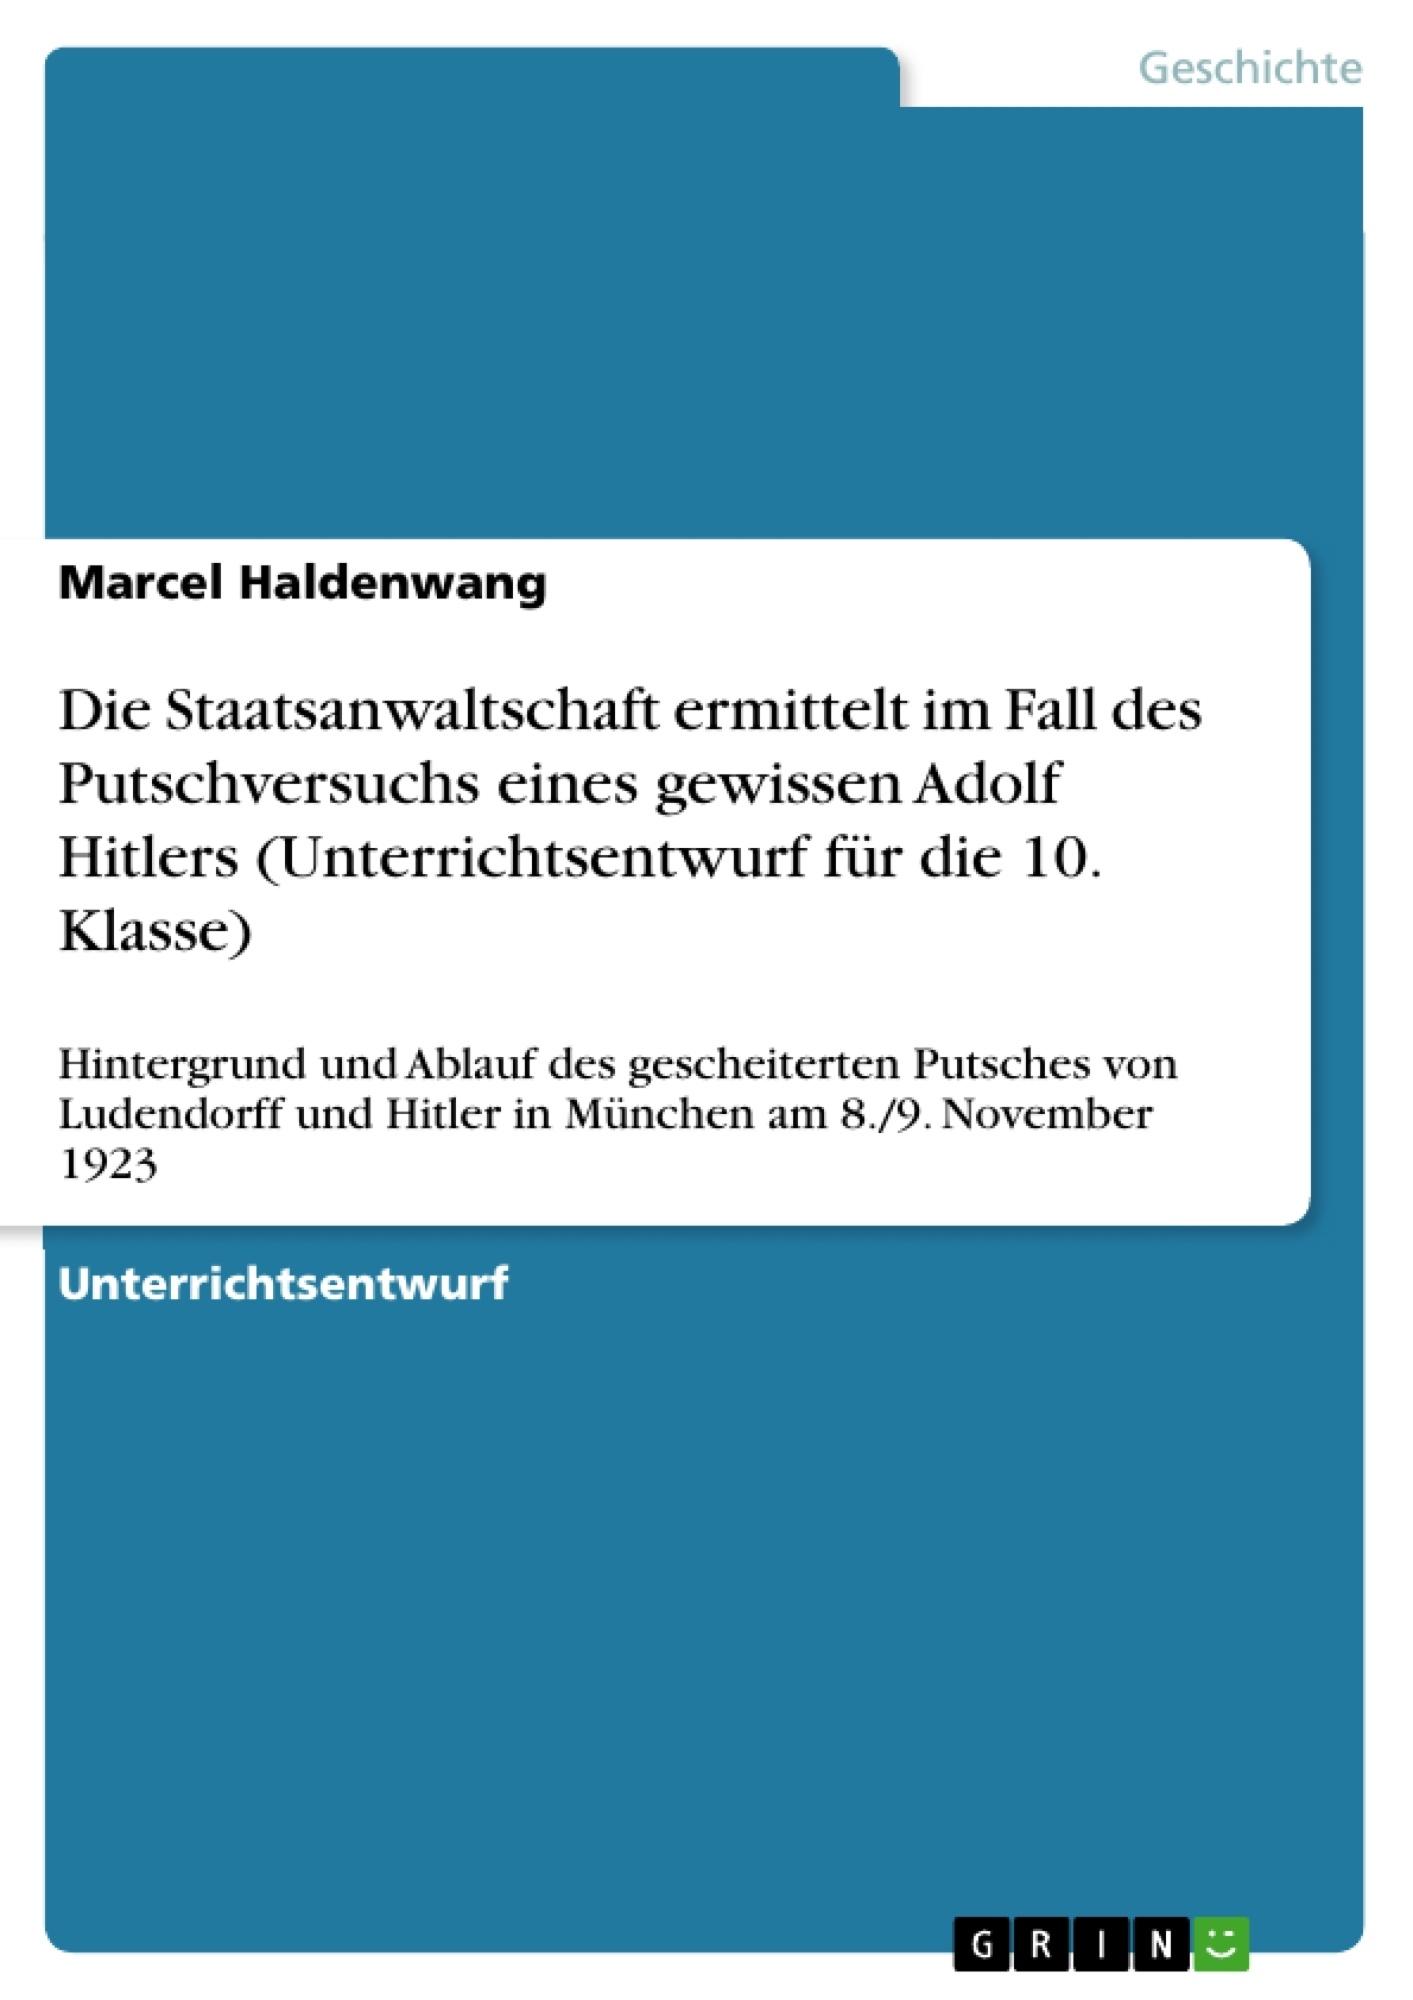 Titel: Die Staatsanwaltschaft ermittelt im Fall des Putschversuchs eines gewissen Adolf Hitlers (Unterrichtsentwurf für die 10. Klasse)